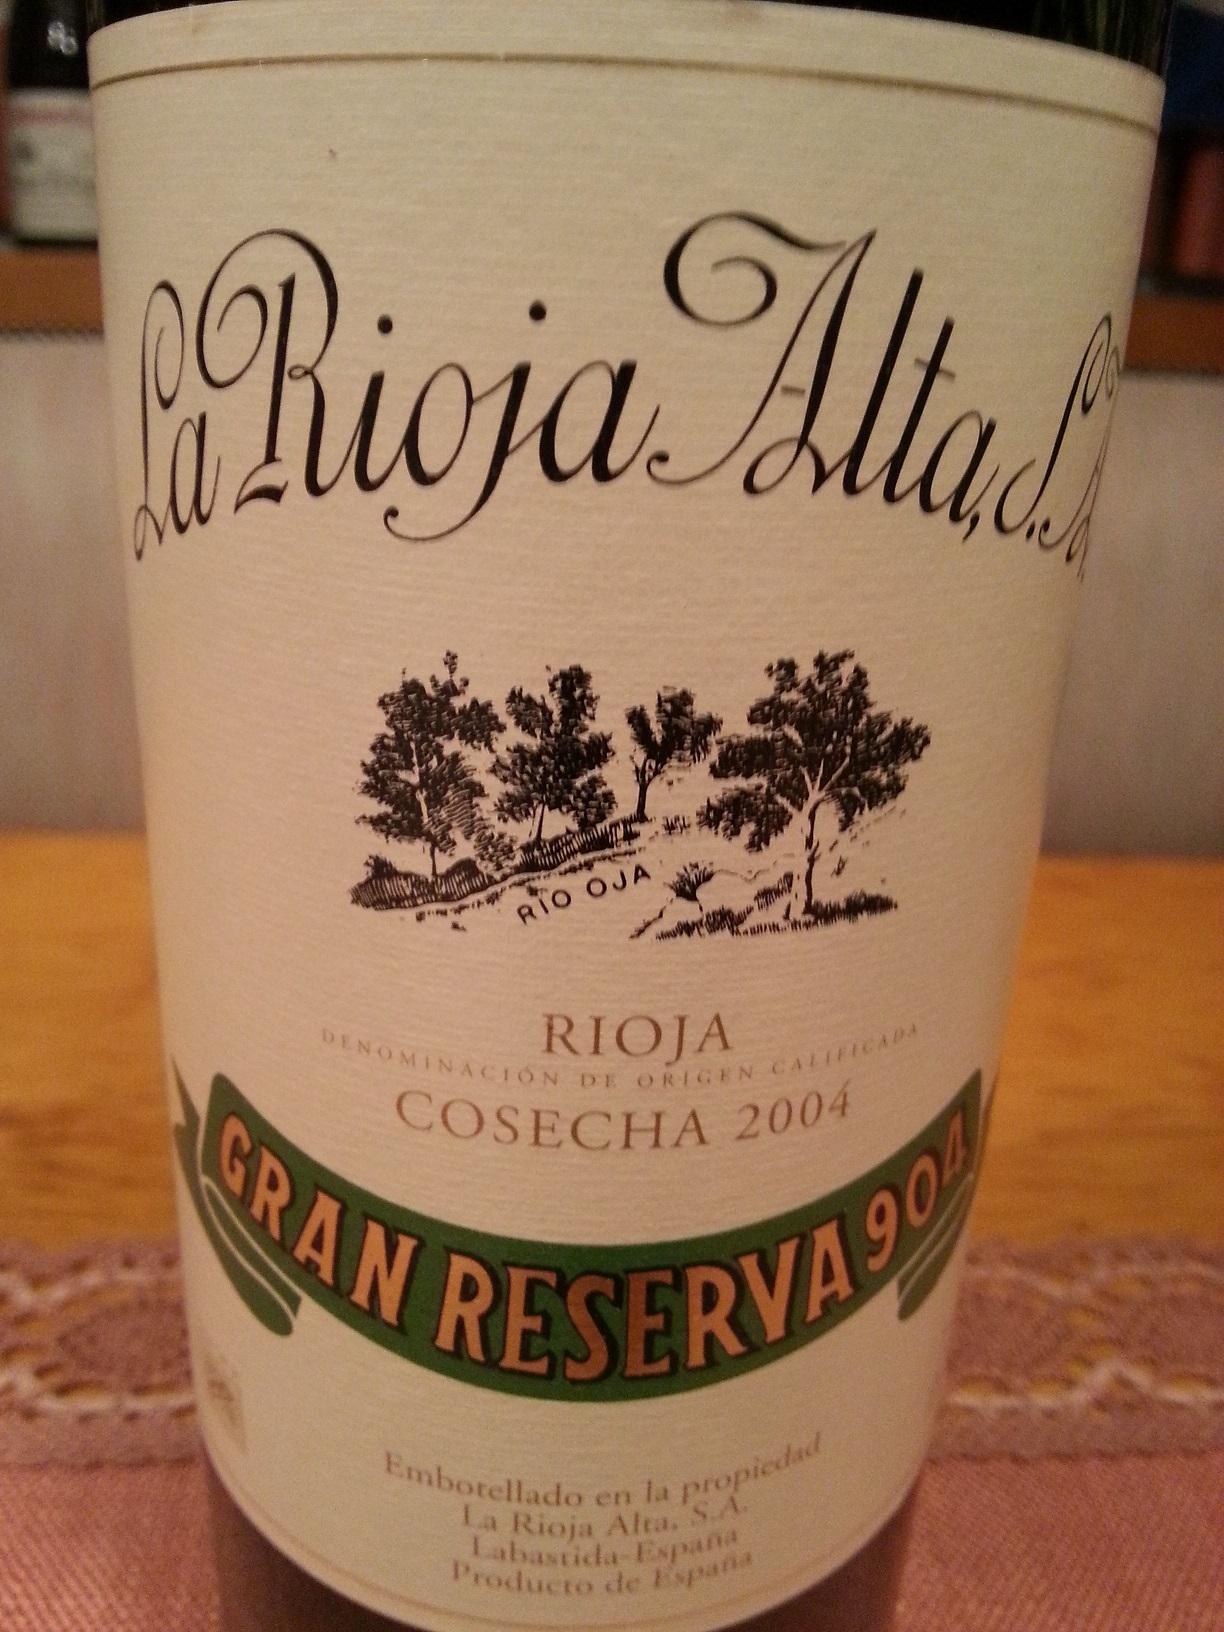 2004 La Rioja Alta Gran Reserva 904 | La Rioja Alta